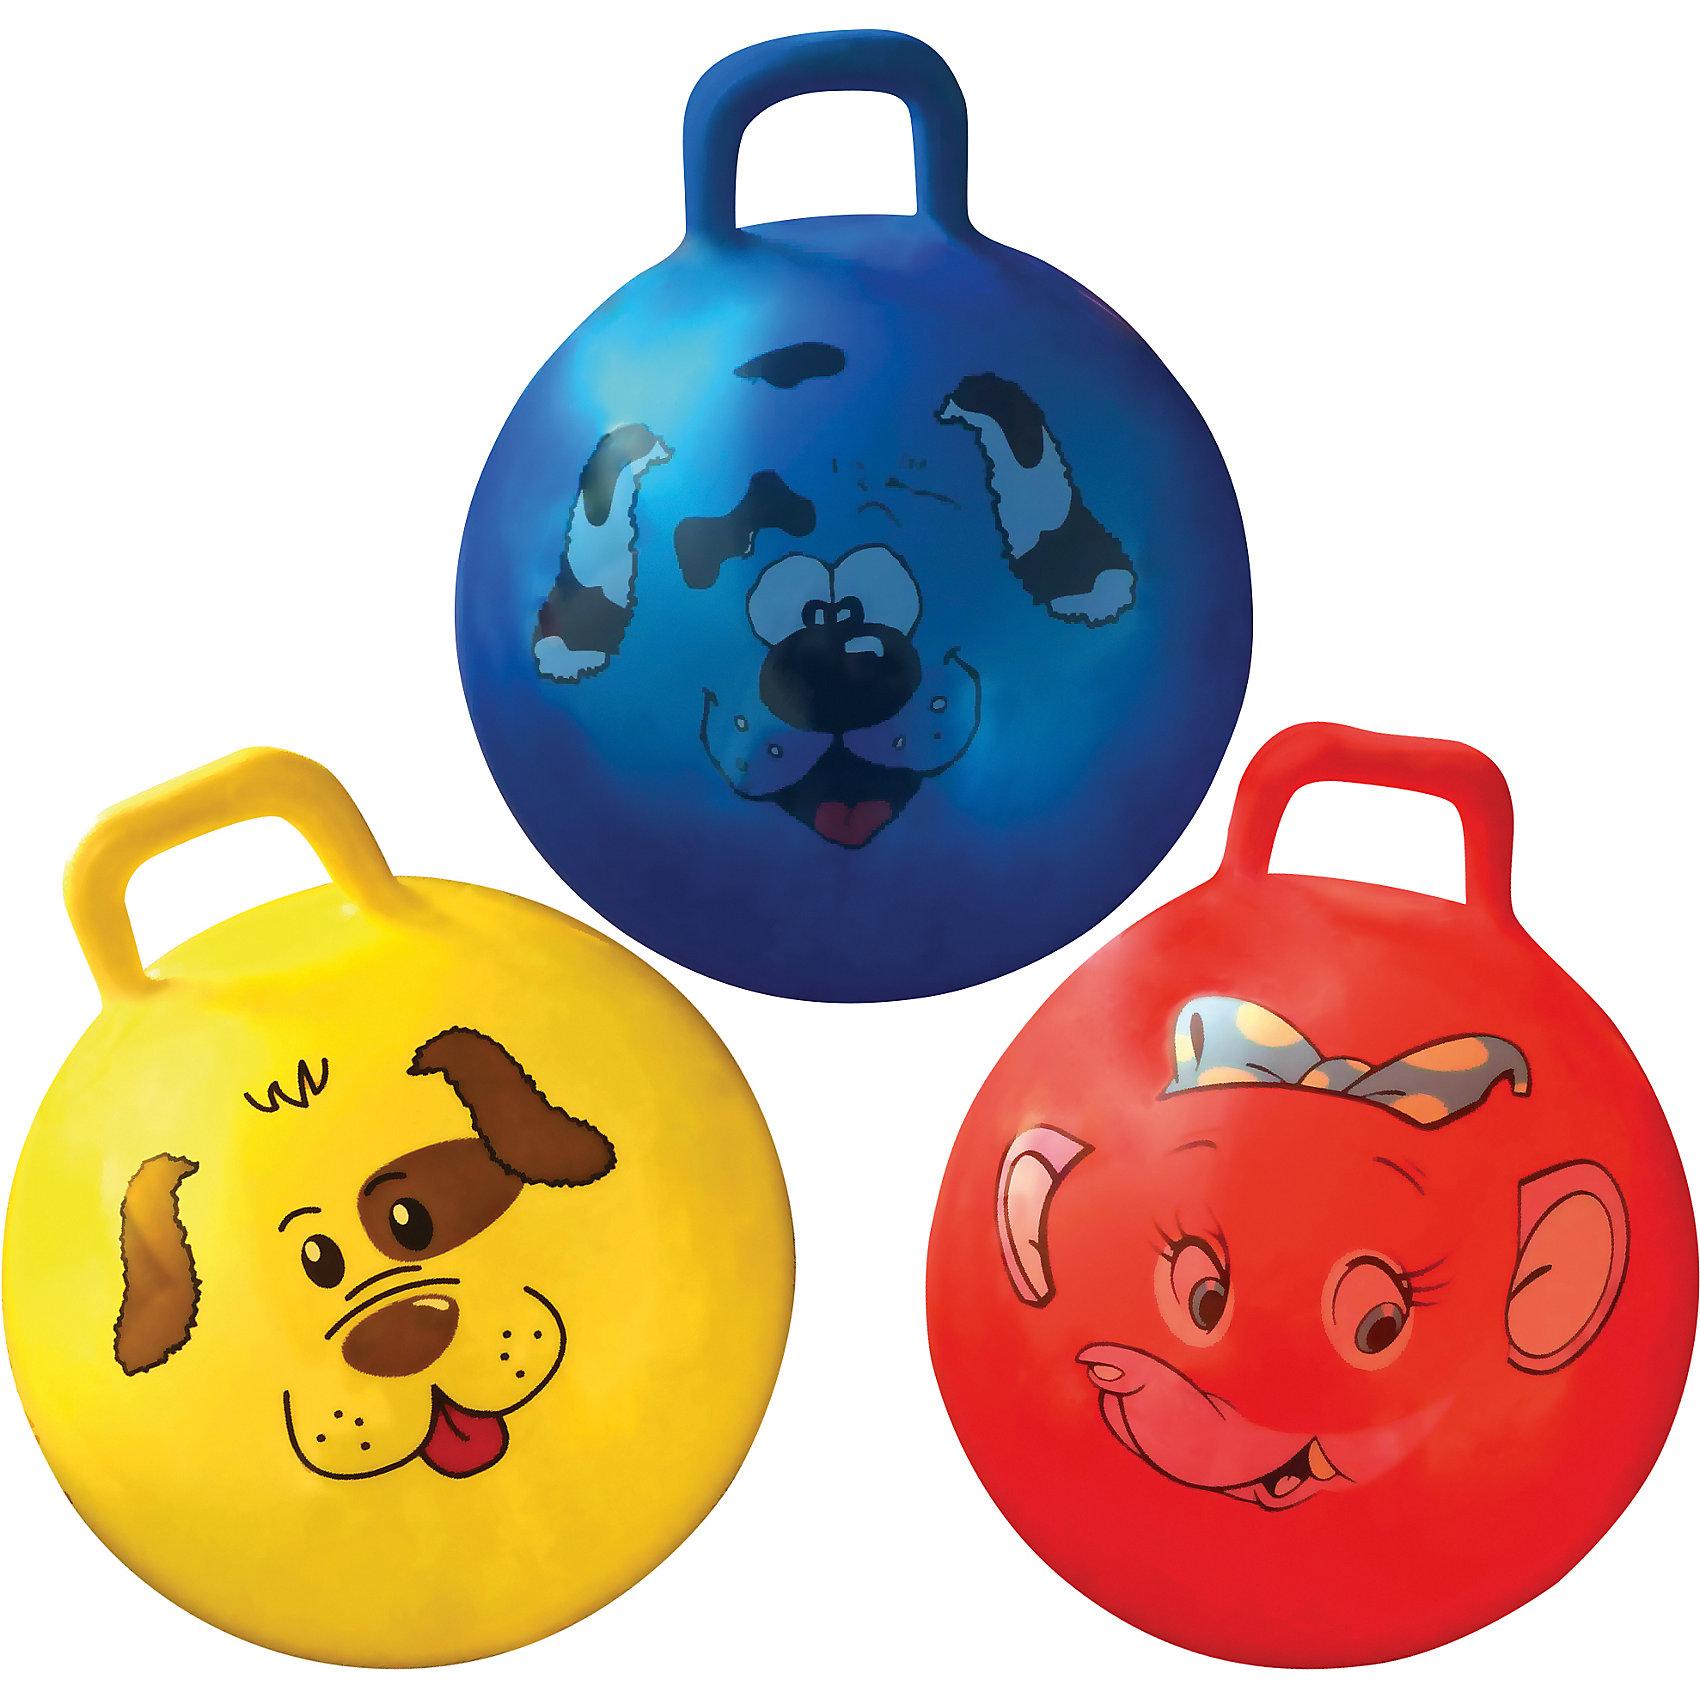 Мяч (фитбол) для занятий спортом, 55 см, в комплекте с насосом, Ecos